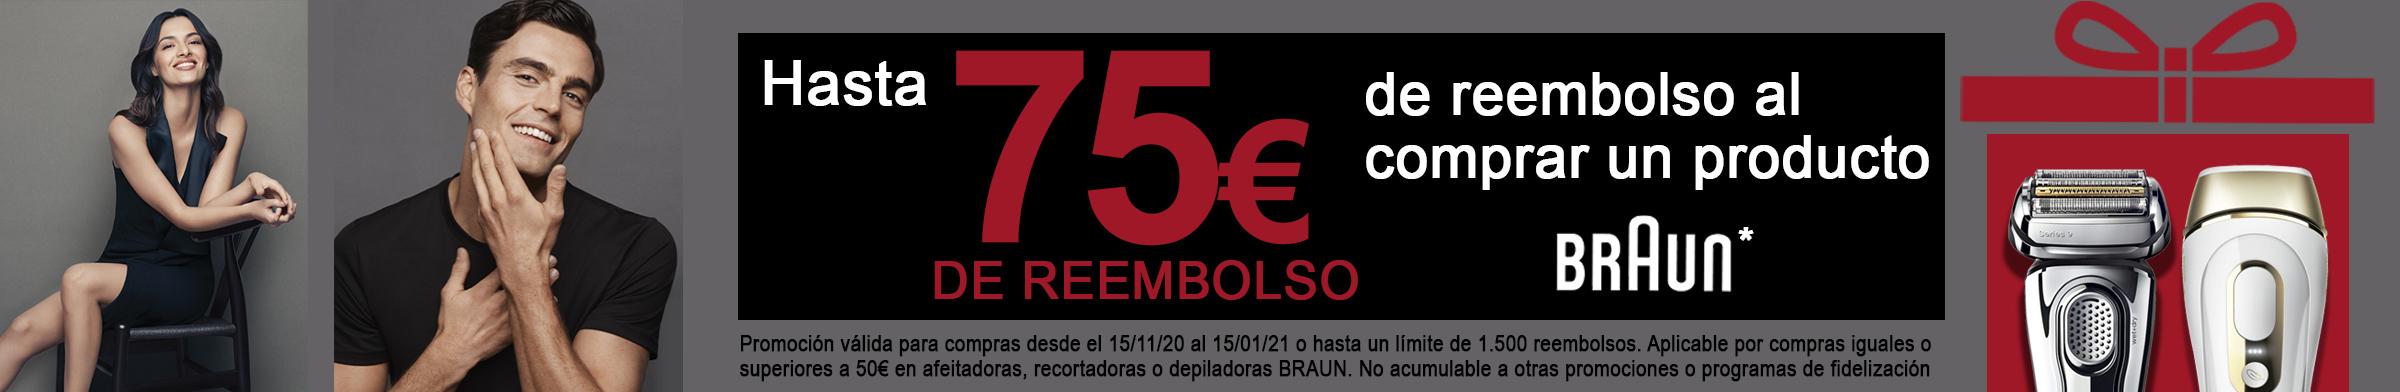 HASTA 75€ DE REEMBOLSO AL COMPRAR UN PRODUCTO BRAUN